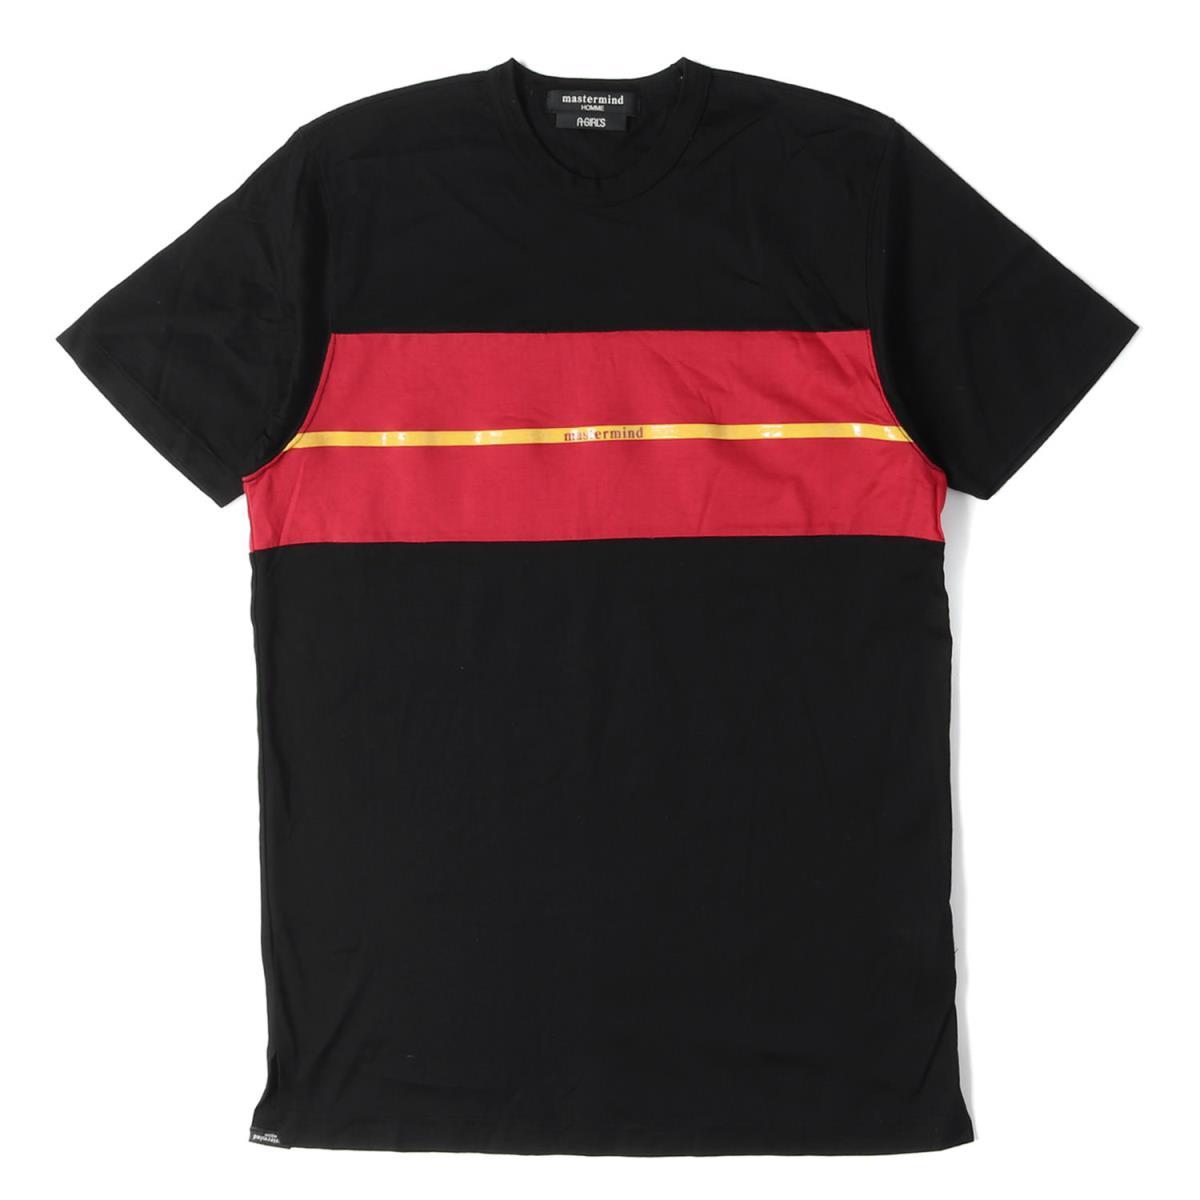 トップス, Tシャツ・カットソー mastermind JAPAN () T 16SS T mastermind HOMME S K2610